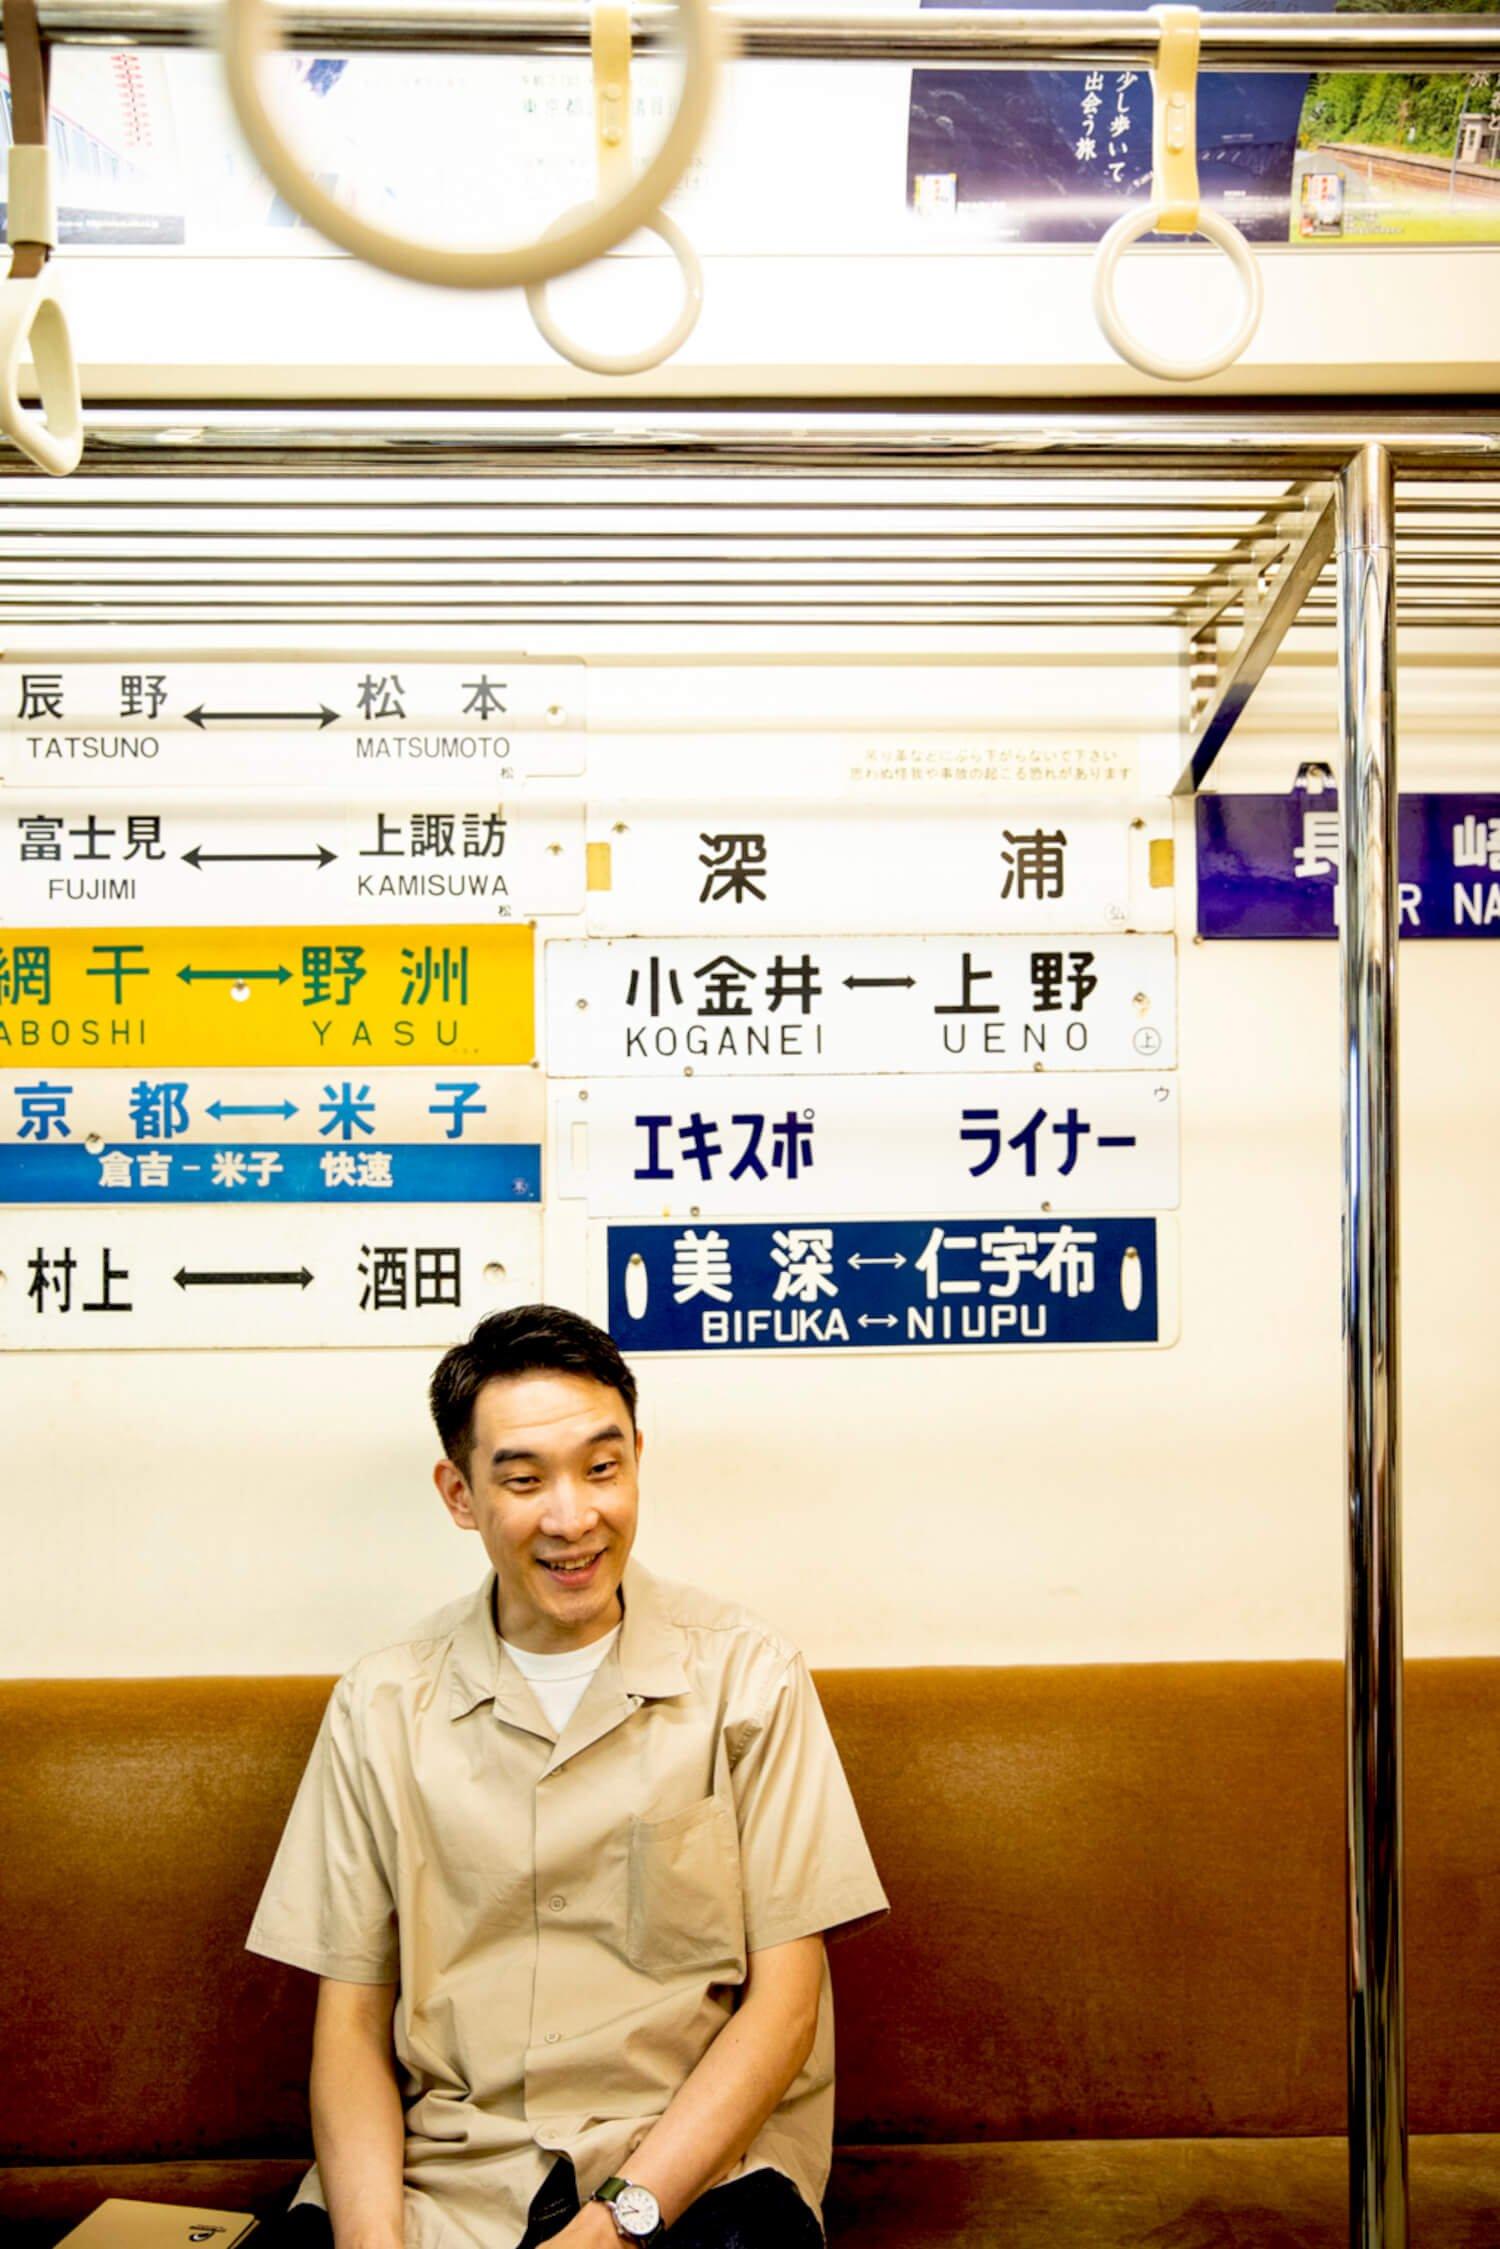 『キハ』にて。「どこか地方の鉄道に乗りに行きたいですねぇ」。